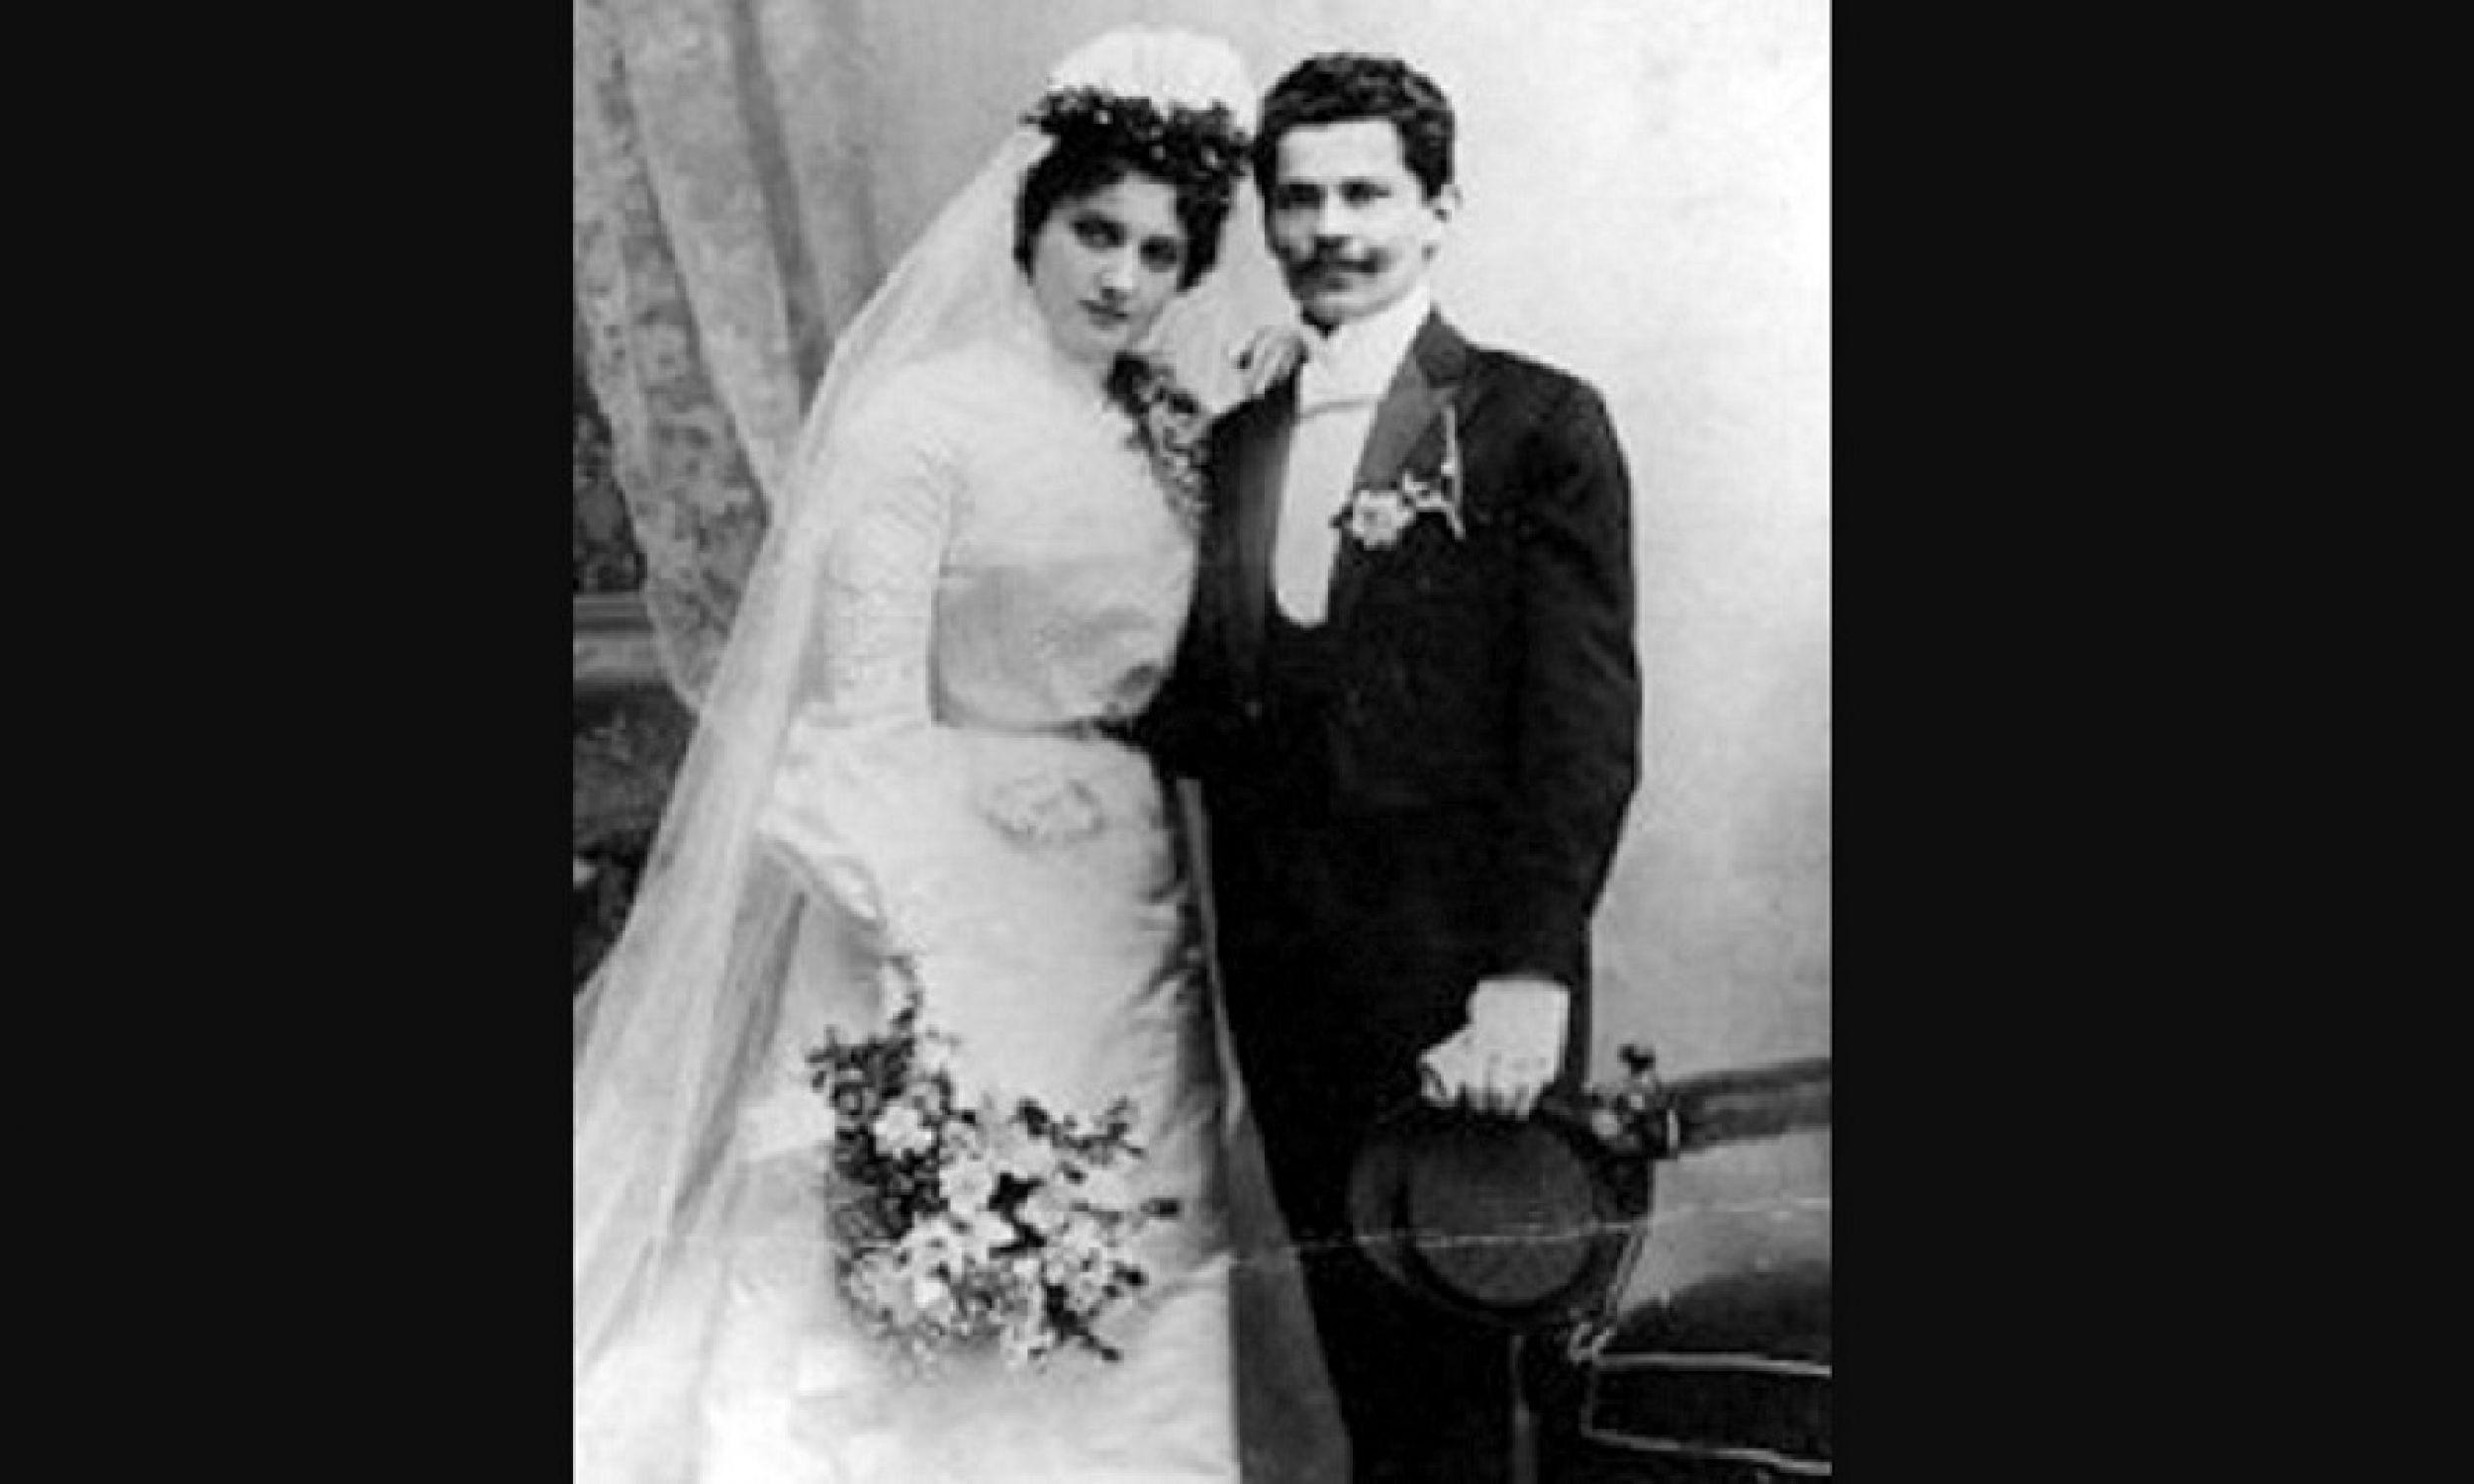 Jan Szczepanik z żoną. Fot. Wikimedia Commons/autor nieznany, http://www.tarnow.pl/szczepanik/zyciorys.php, Domena publiczna